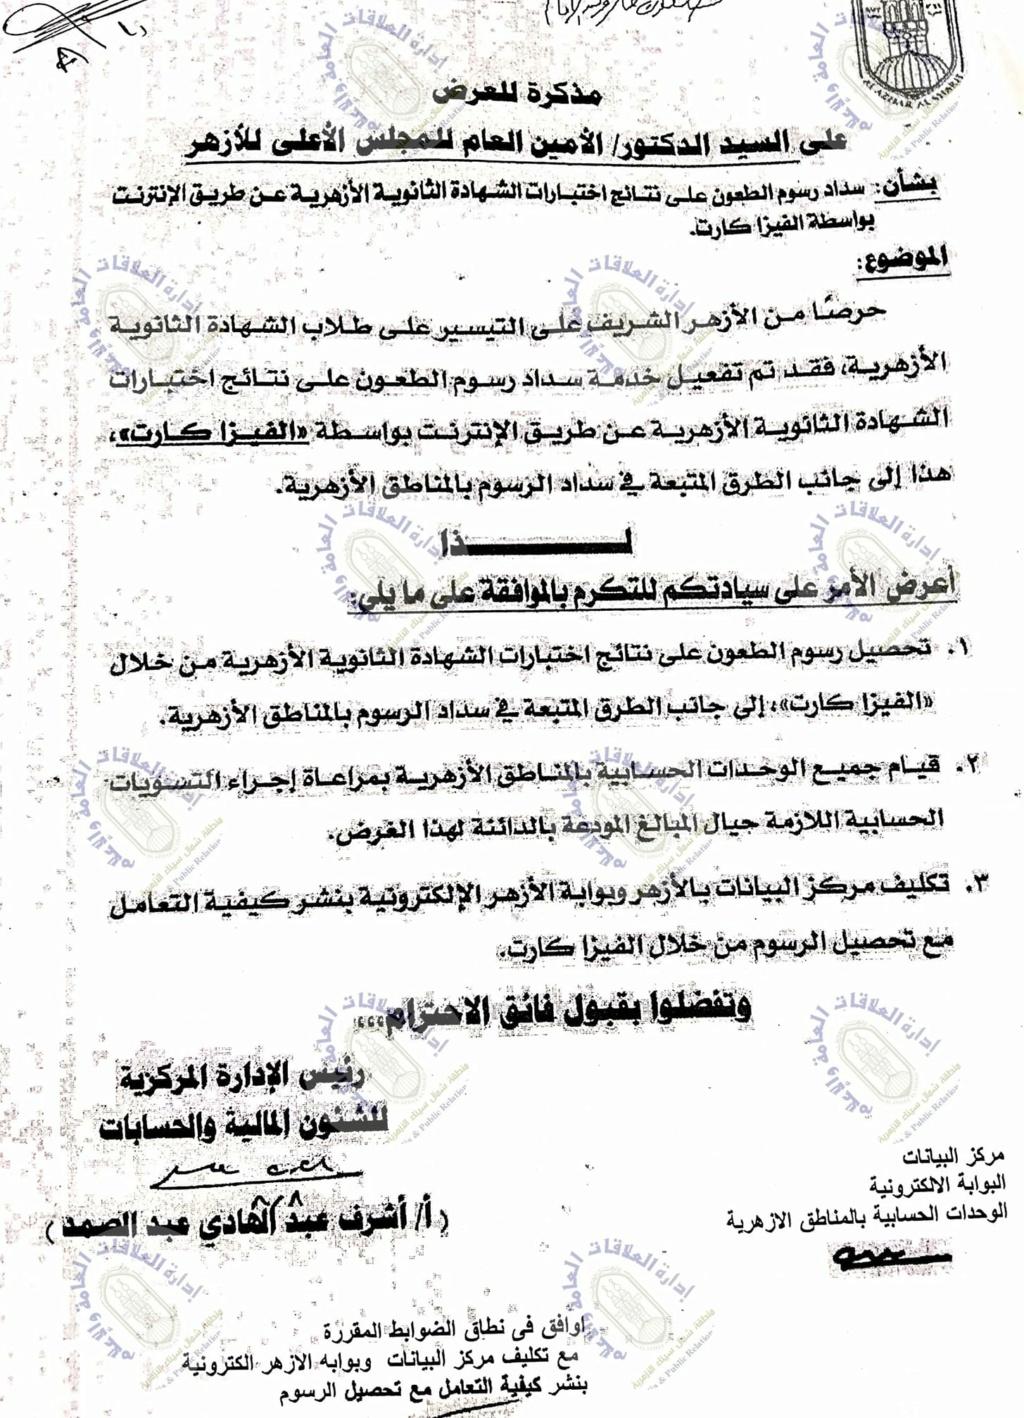 تعليمات جديدة بشأن رسوم التظلم من نتيجة الثانوية الأزهرية 2021 10057